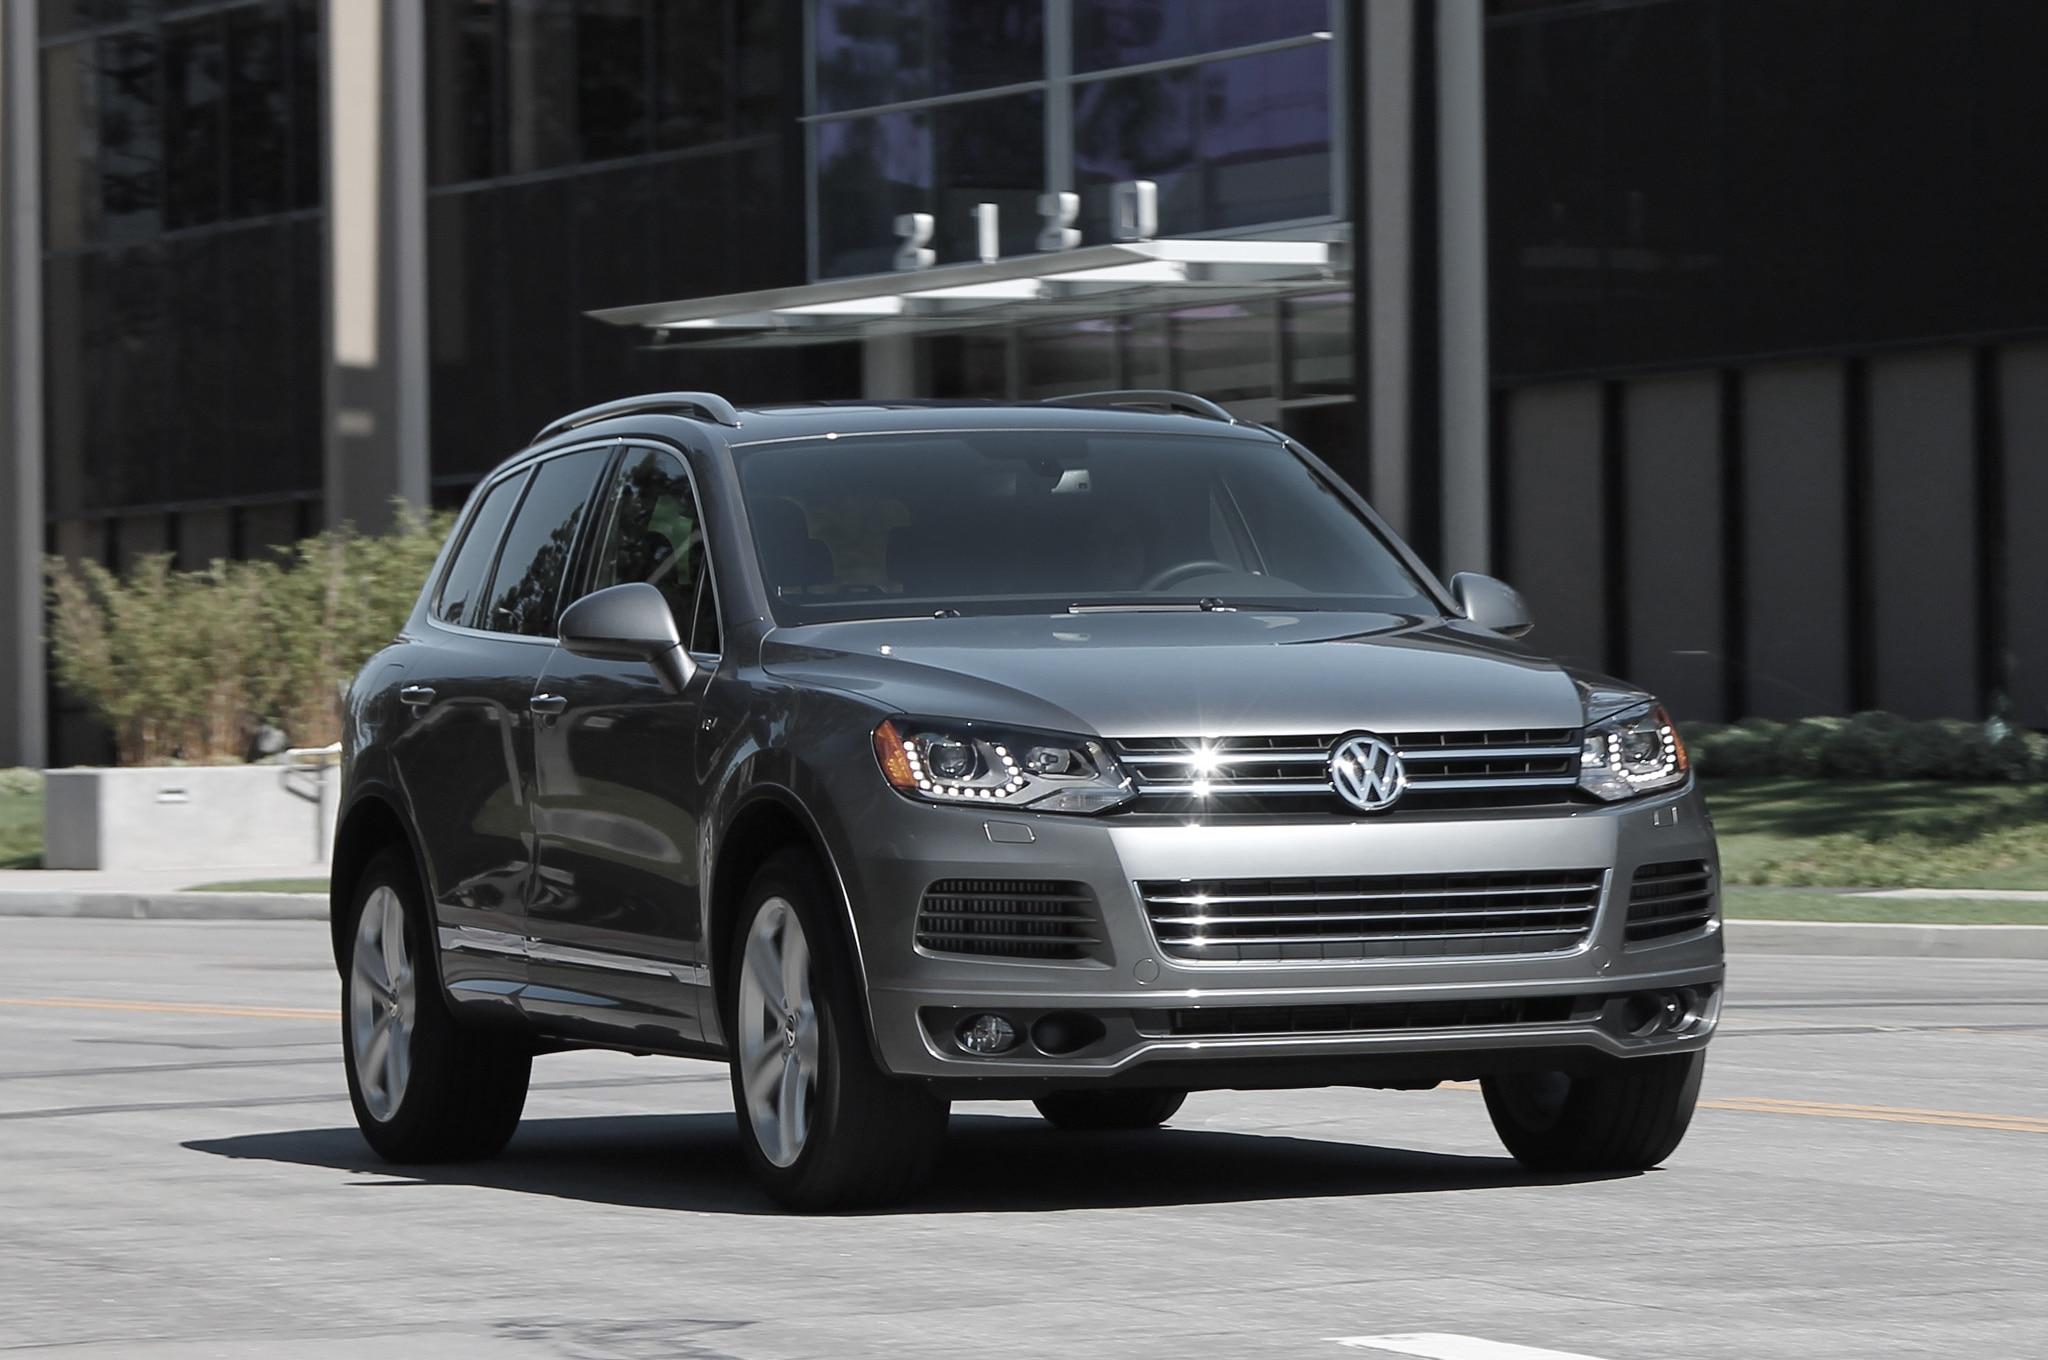 2017 Volkswagen Touareg Tdi R Line First Test